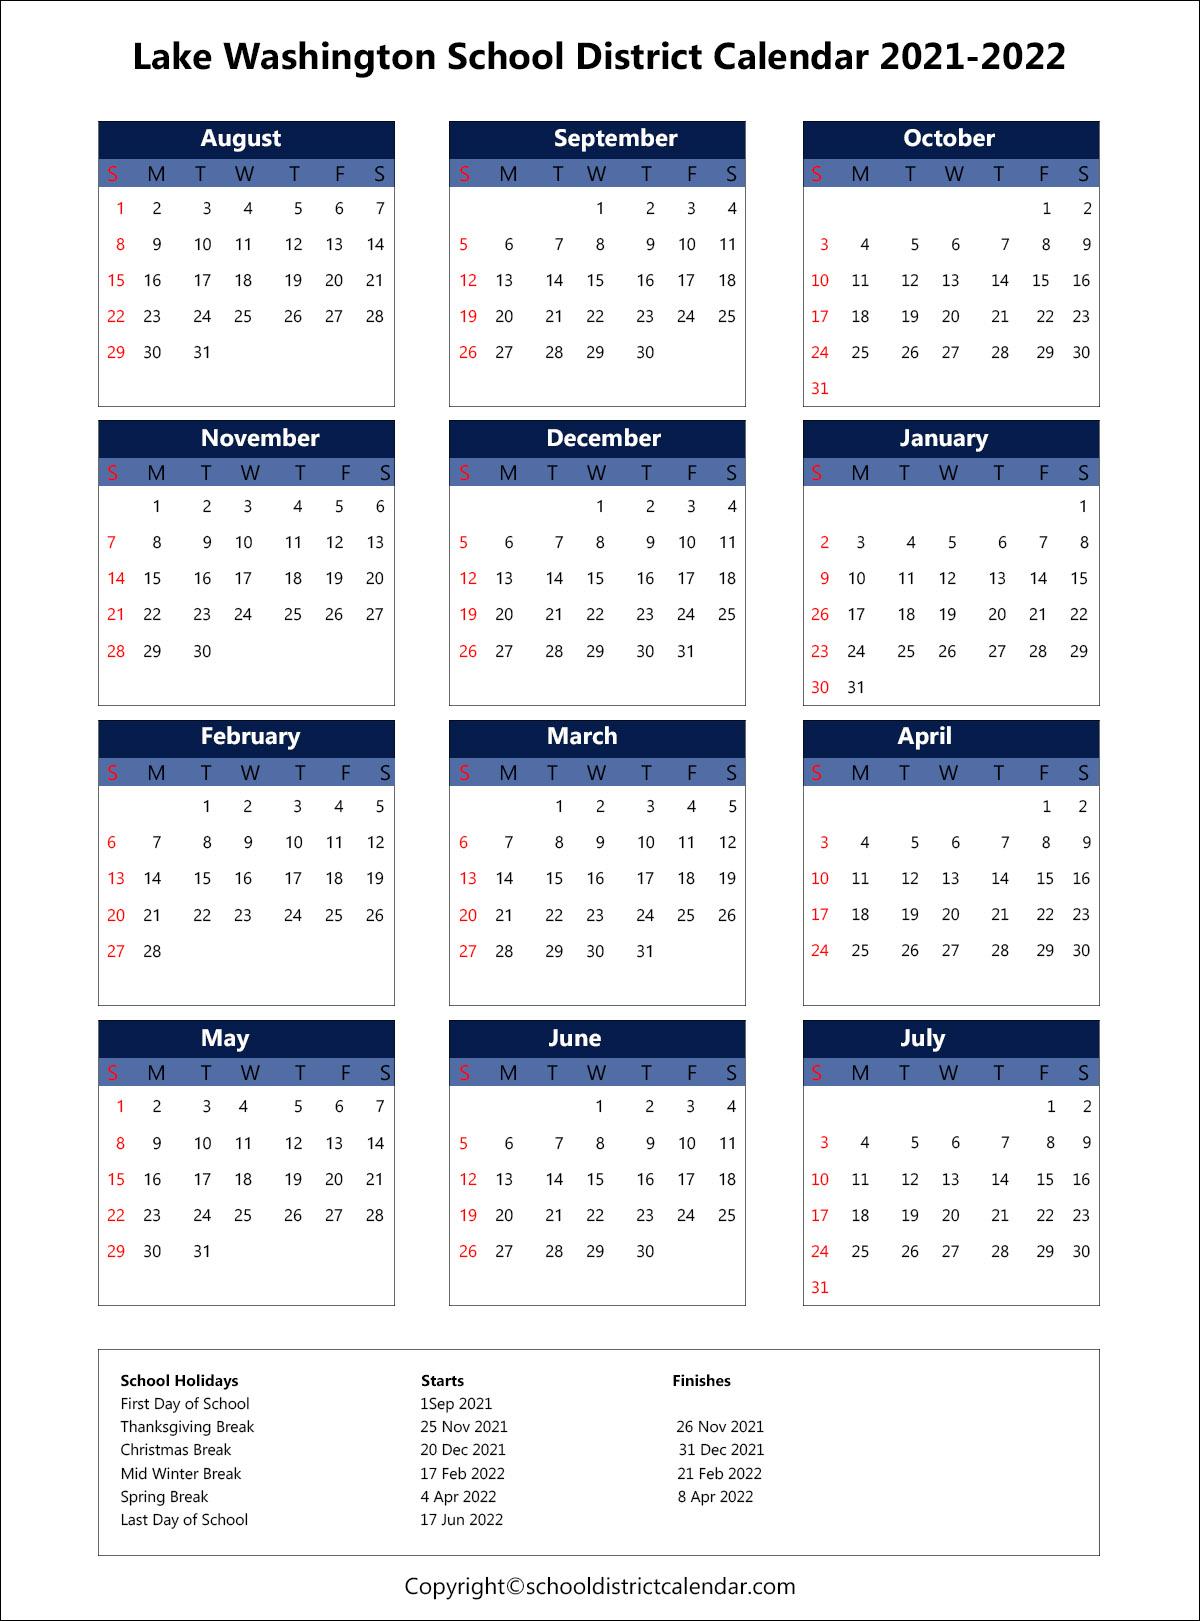 Lake Washington School District Calendar 2021